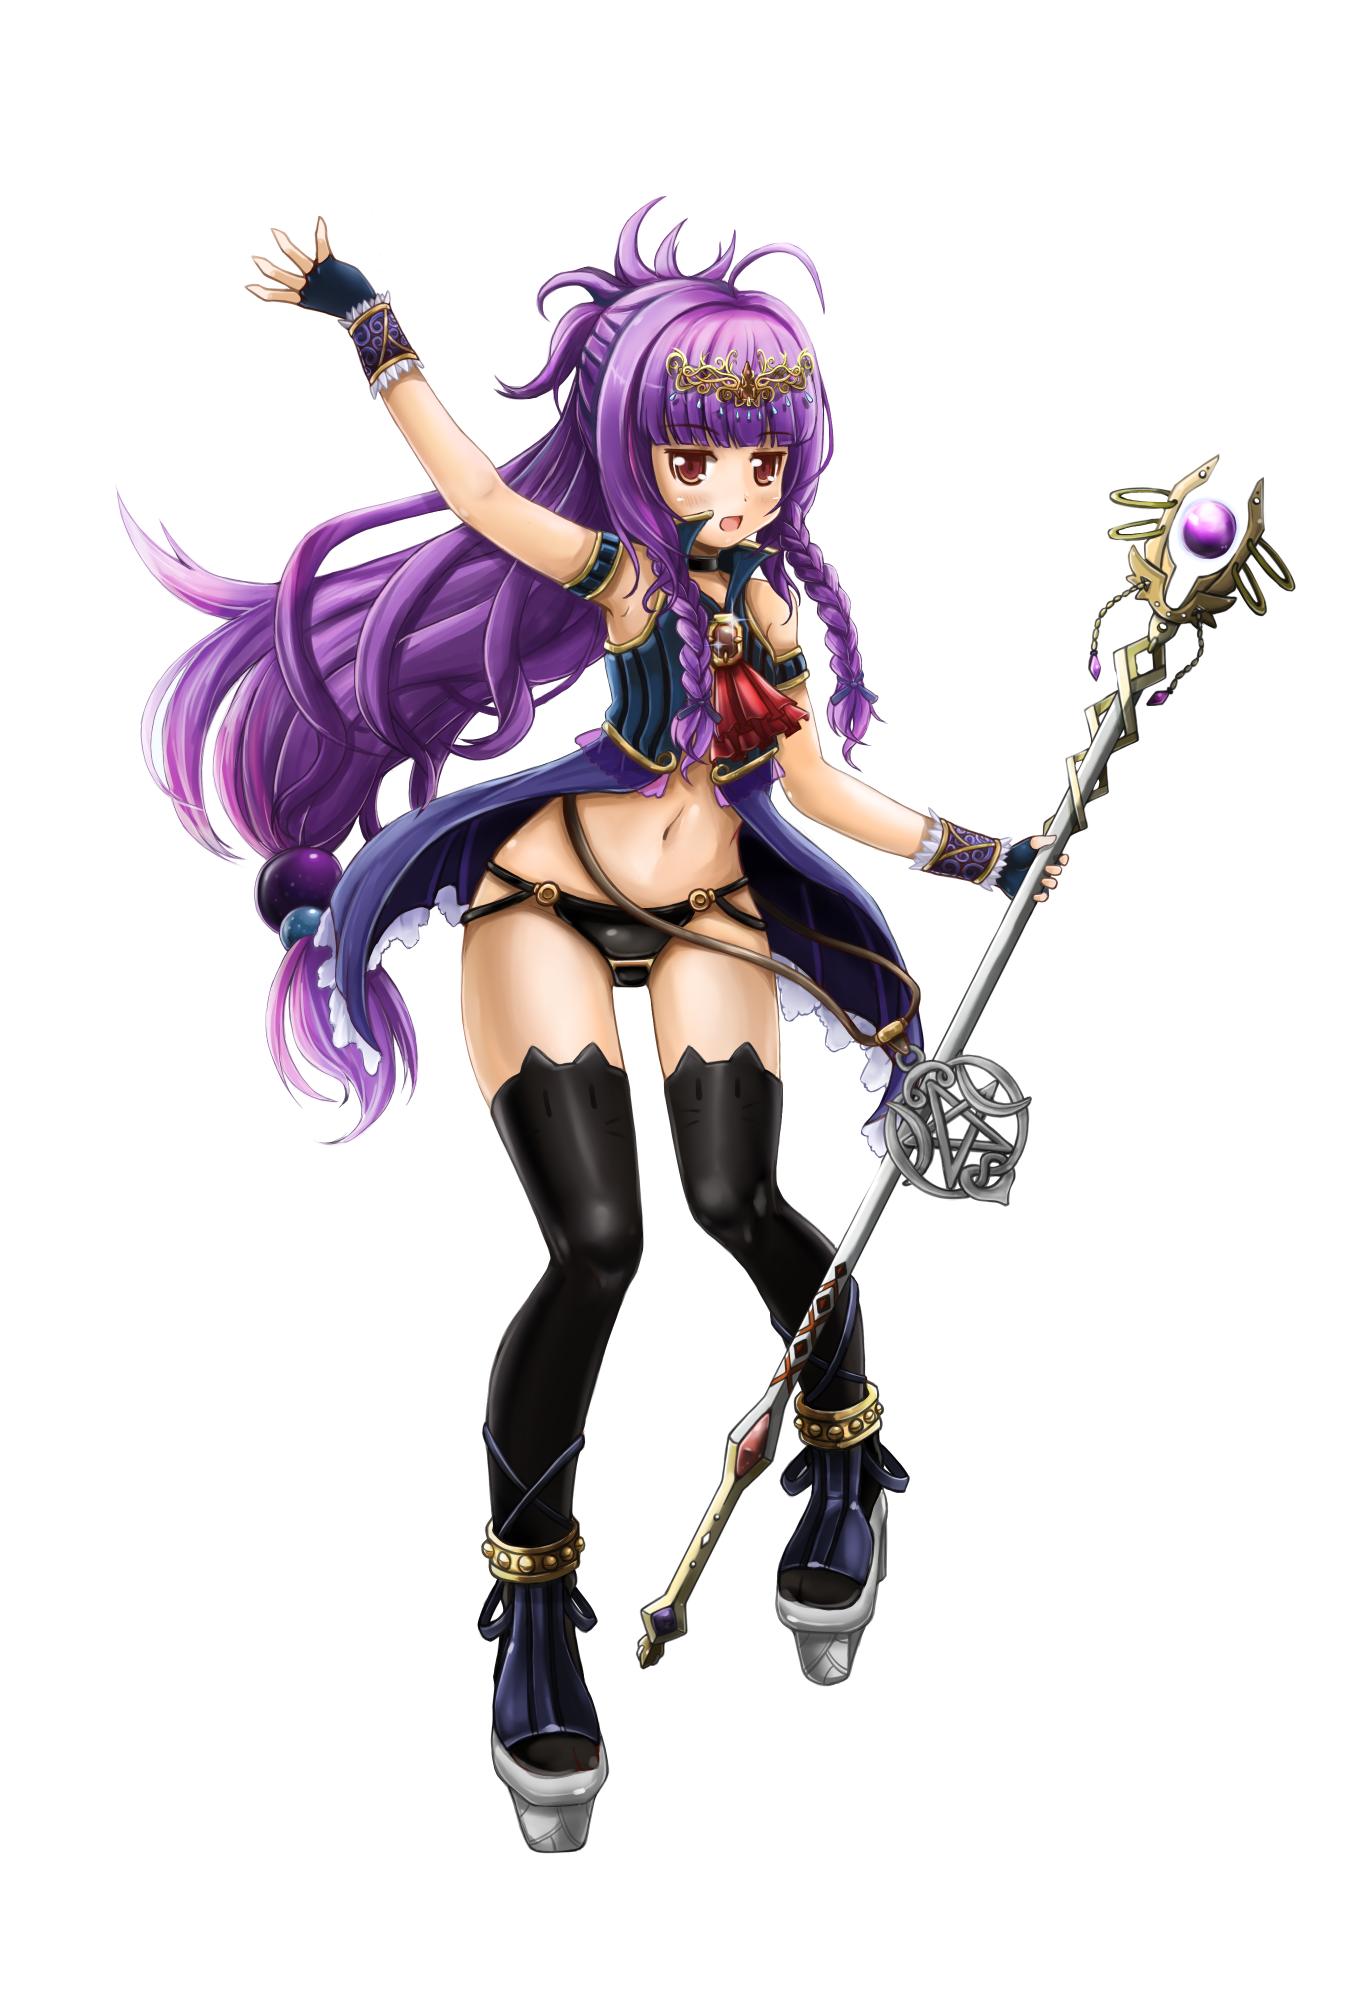 원화공부 일지 - 마법사 소녀11 (캐릭완성)(160620)